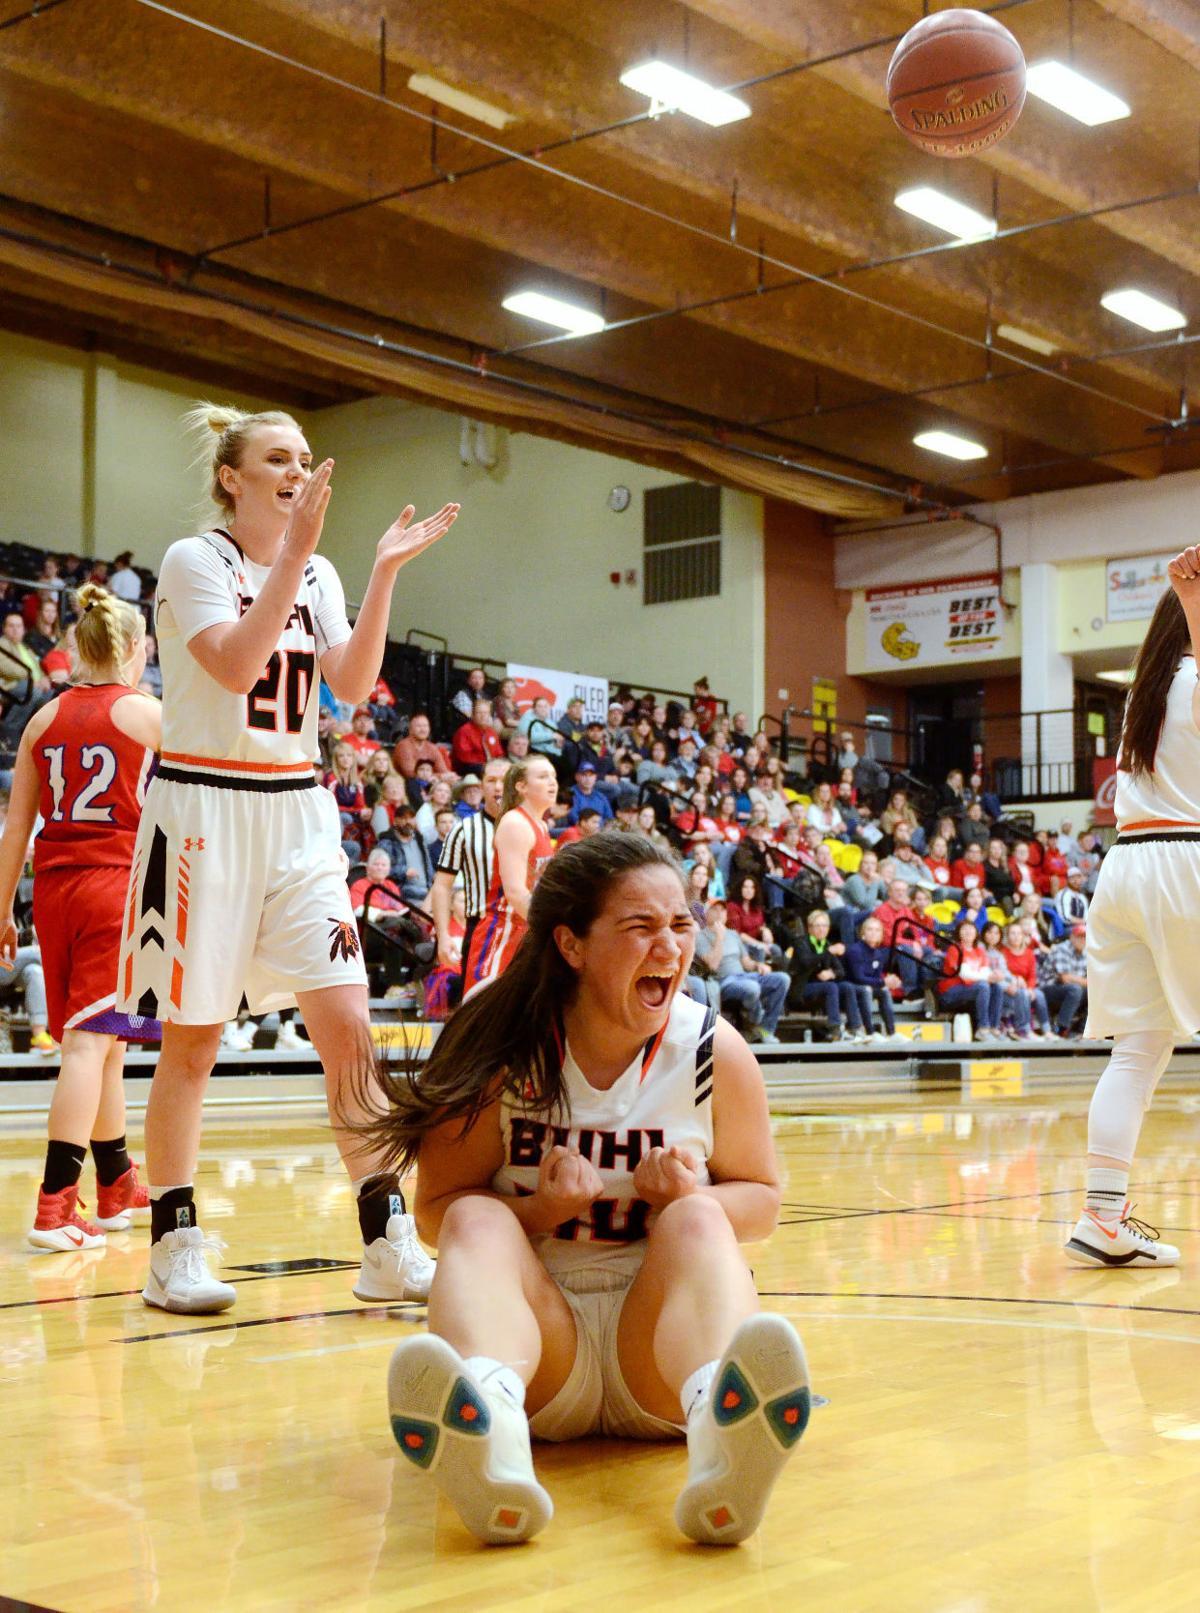 Girls Basketball - Filer Vs. Buhl